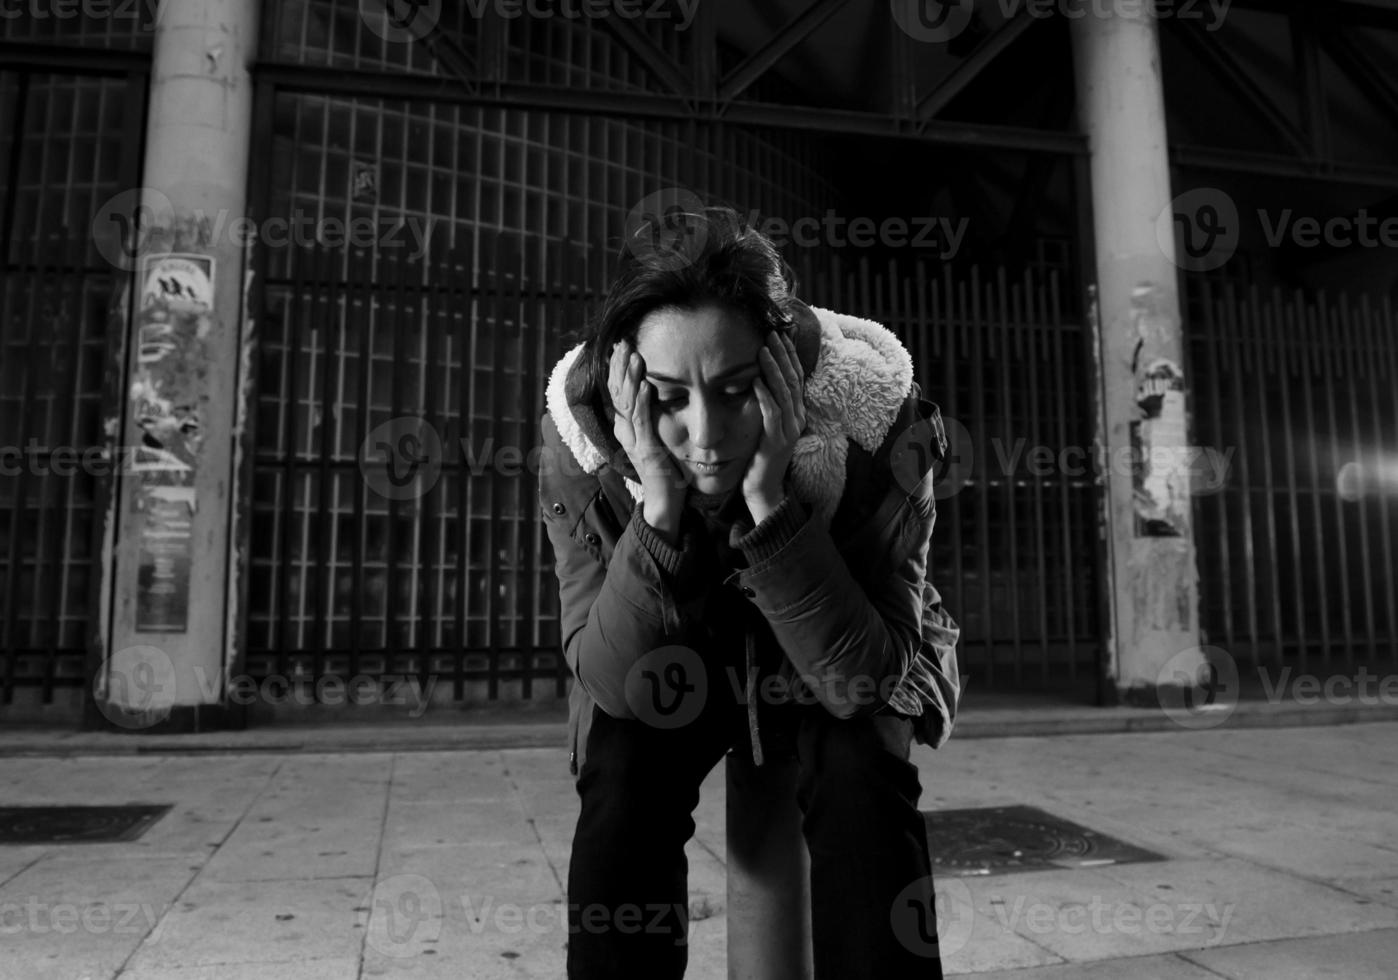 mujer sola en la calle sufriendo depresión mirando triste desesperada foto